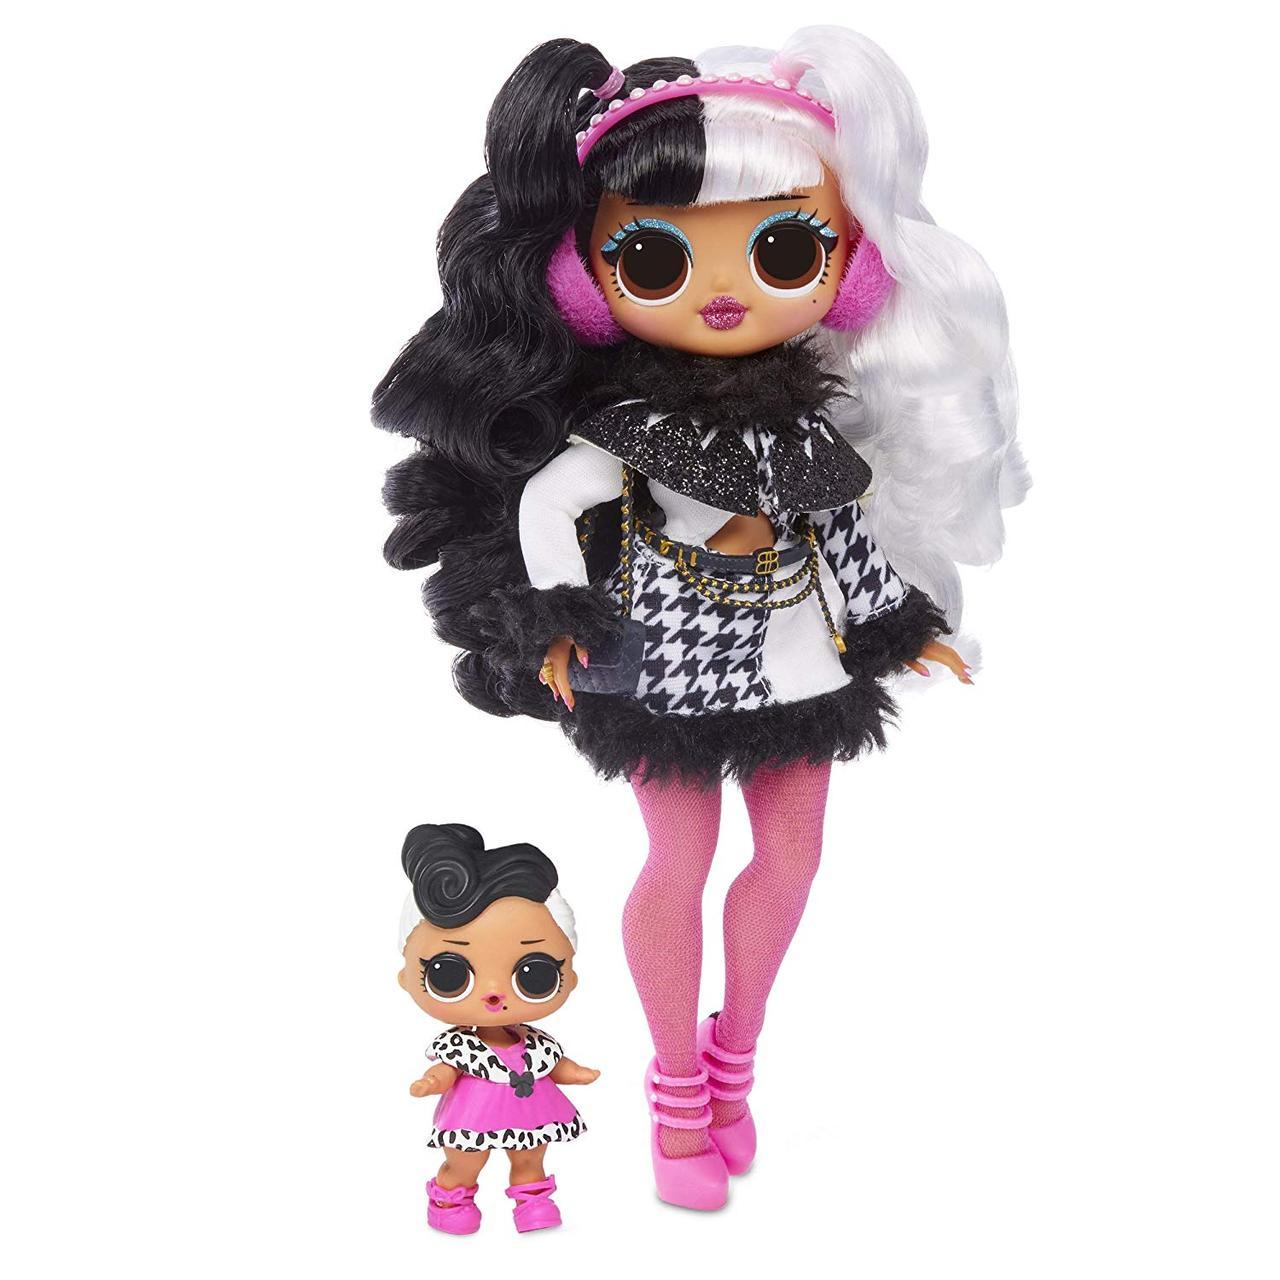 Купить куклу ЛОЛ Винтер Диско Долли недорого L.O.L ...